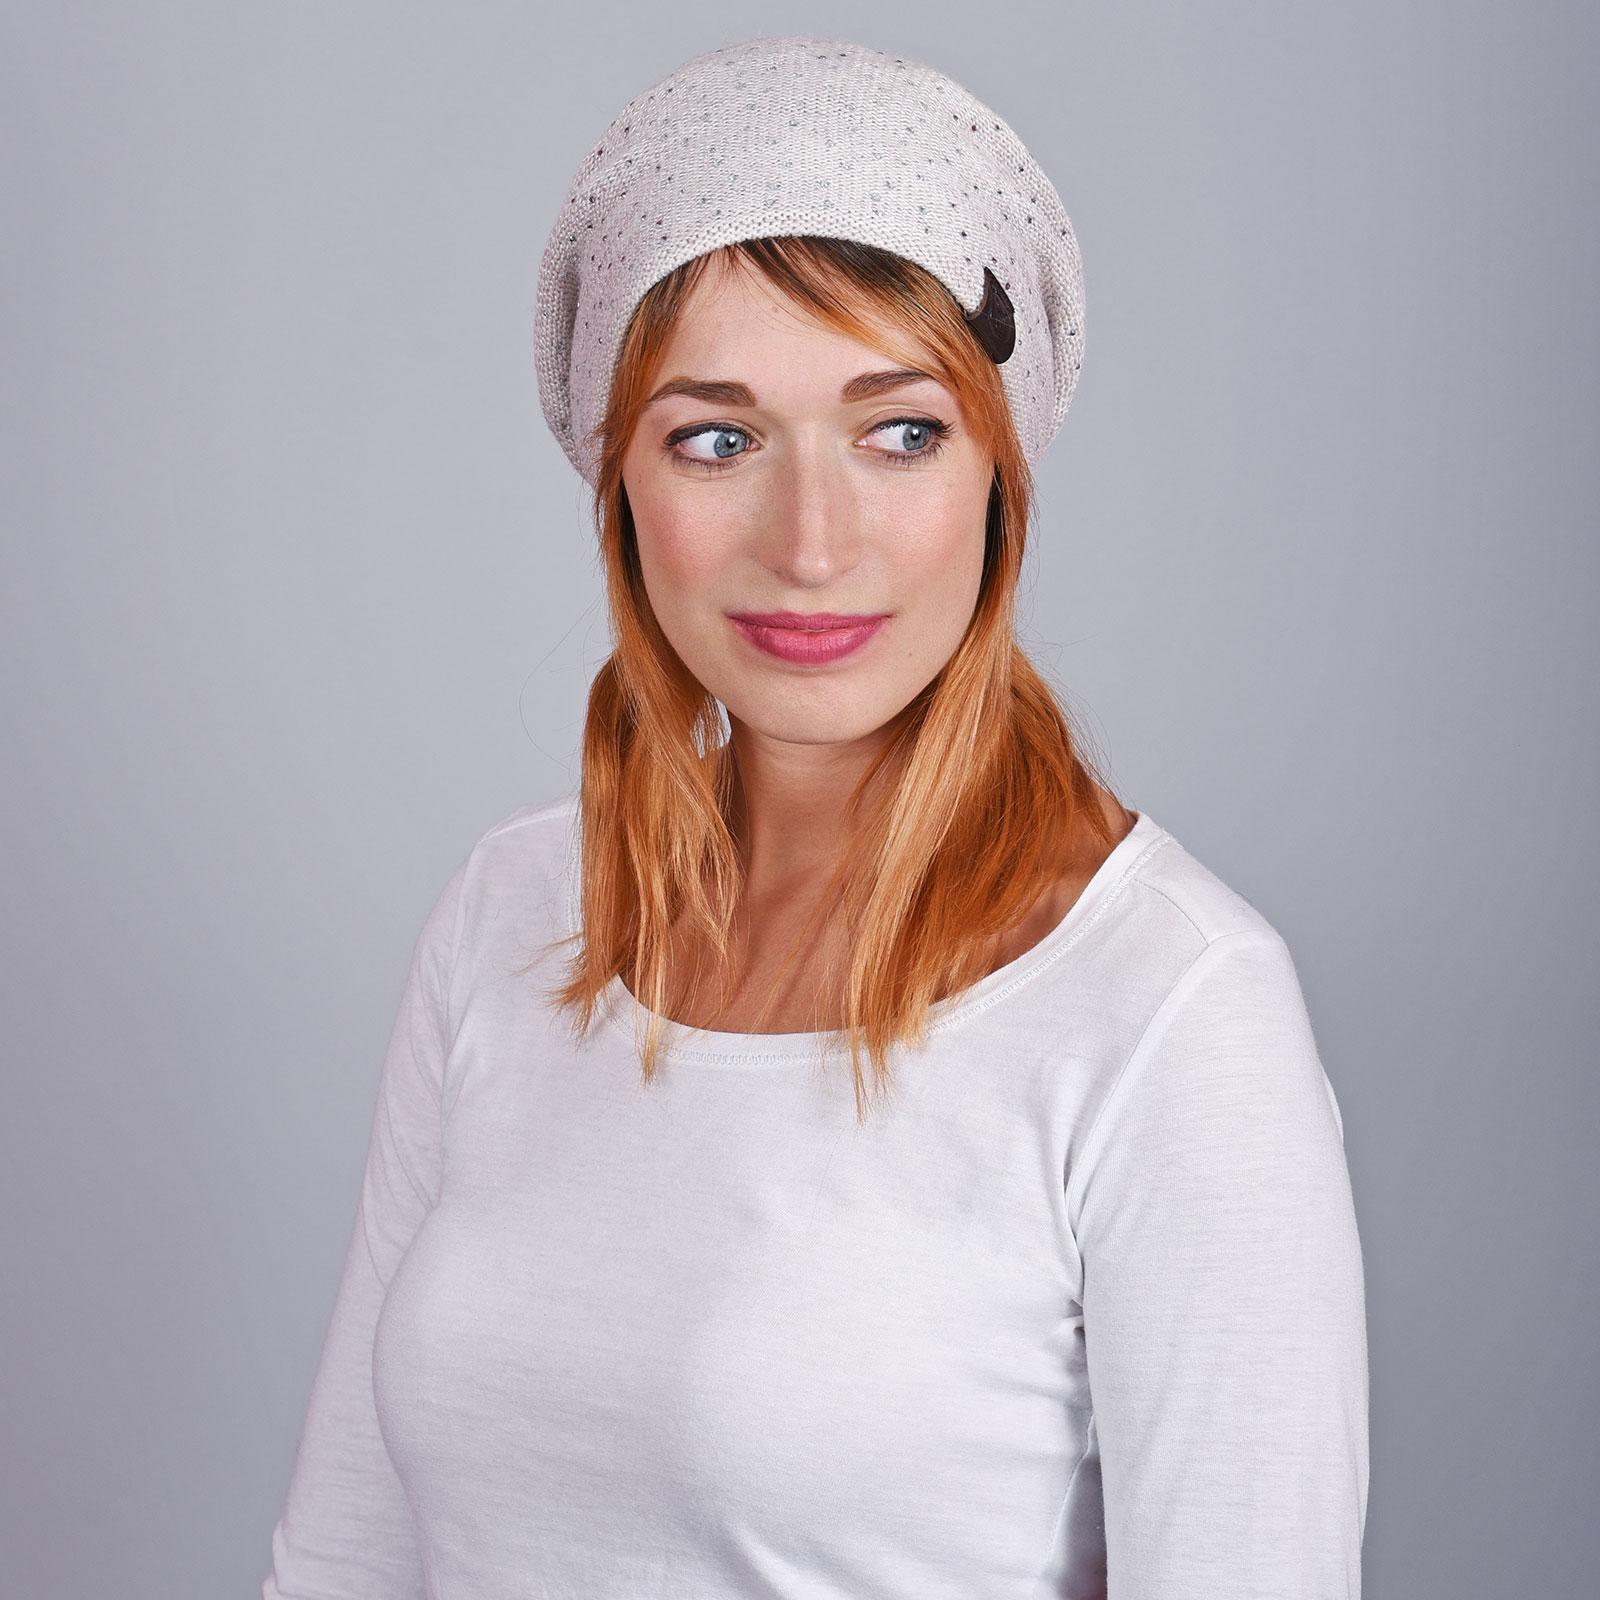 CP-01064-VF16-2-bonnet-blanc-fantaisie